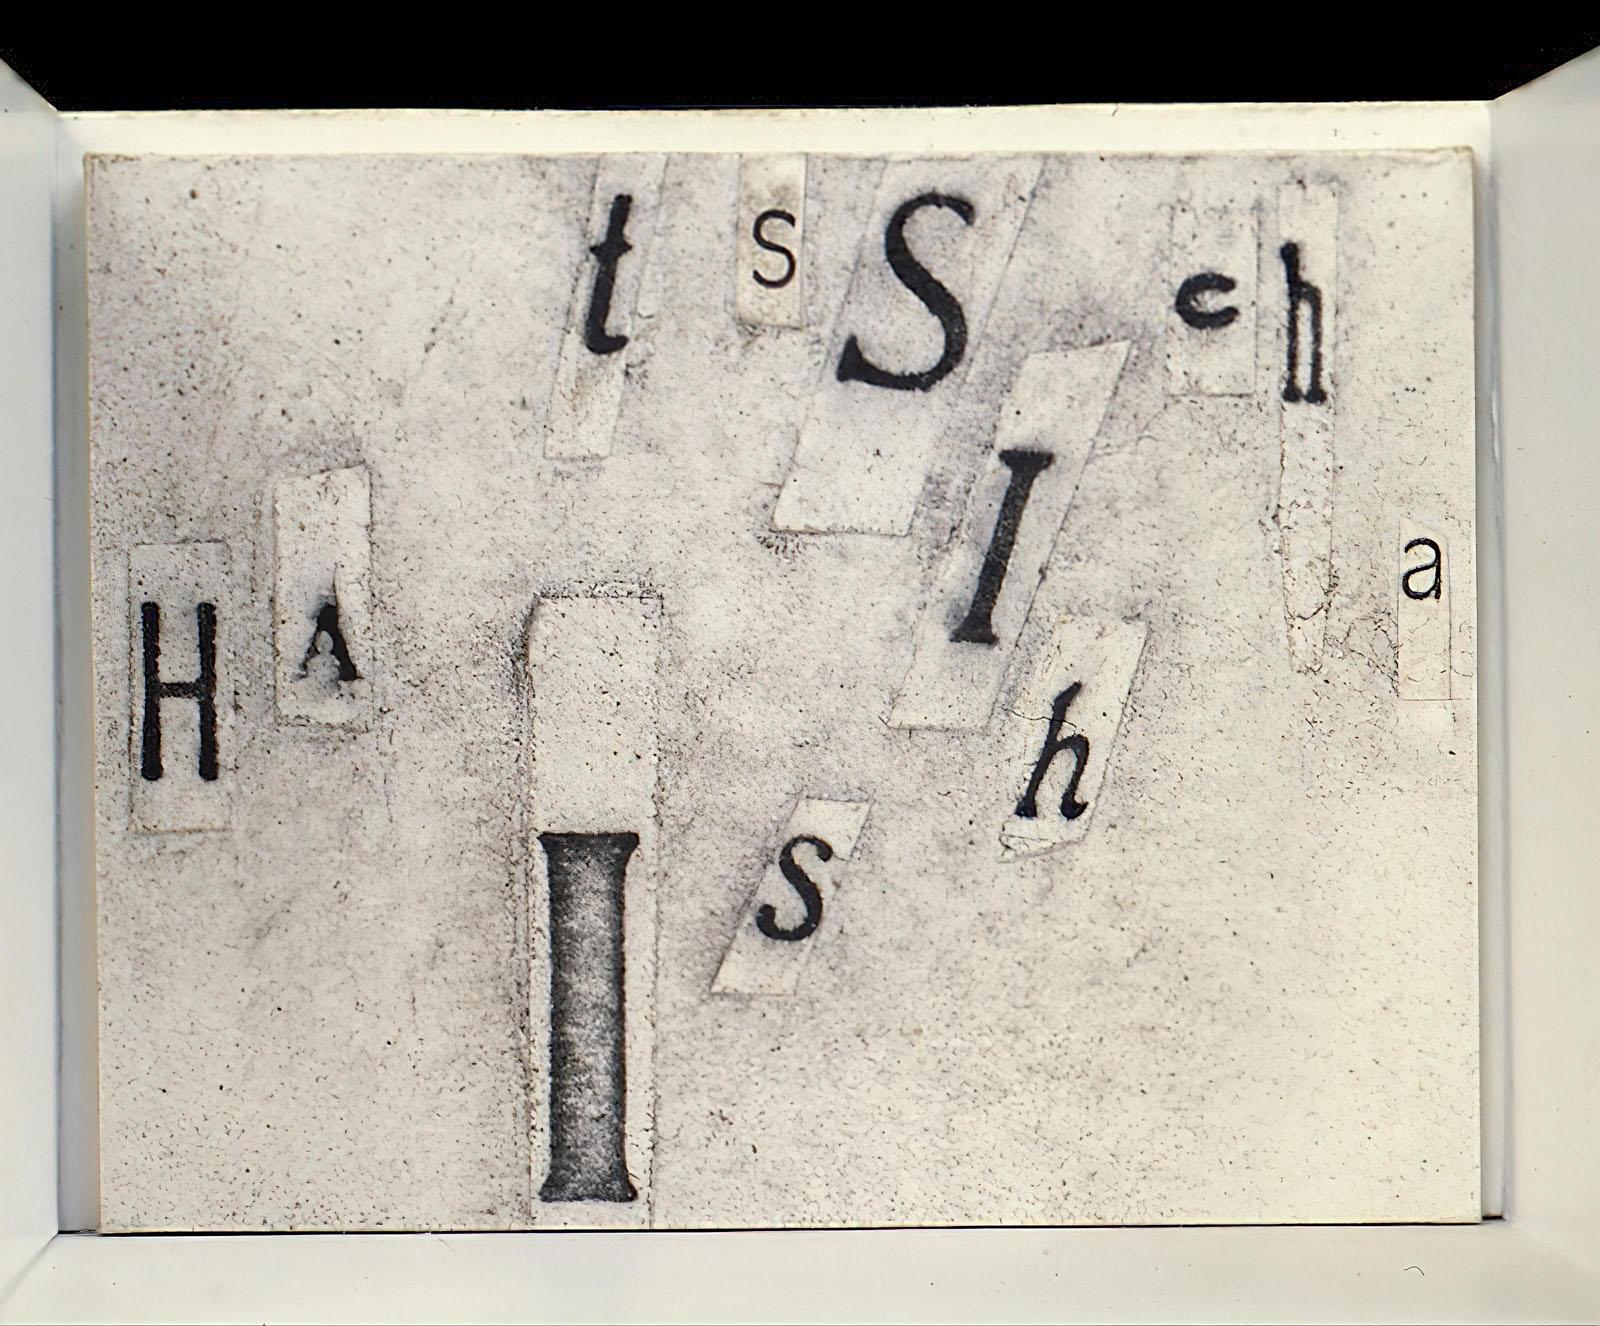 László Lakner - Die Welt des Niesens - Fragment eines Schwitters-Gedichtes. Version 3